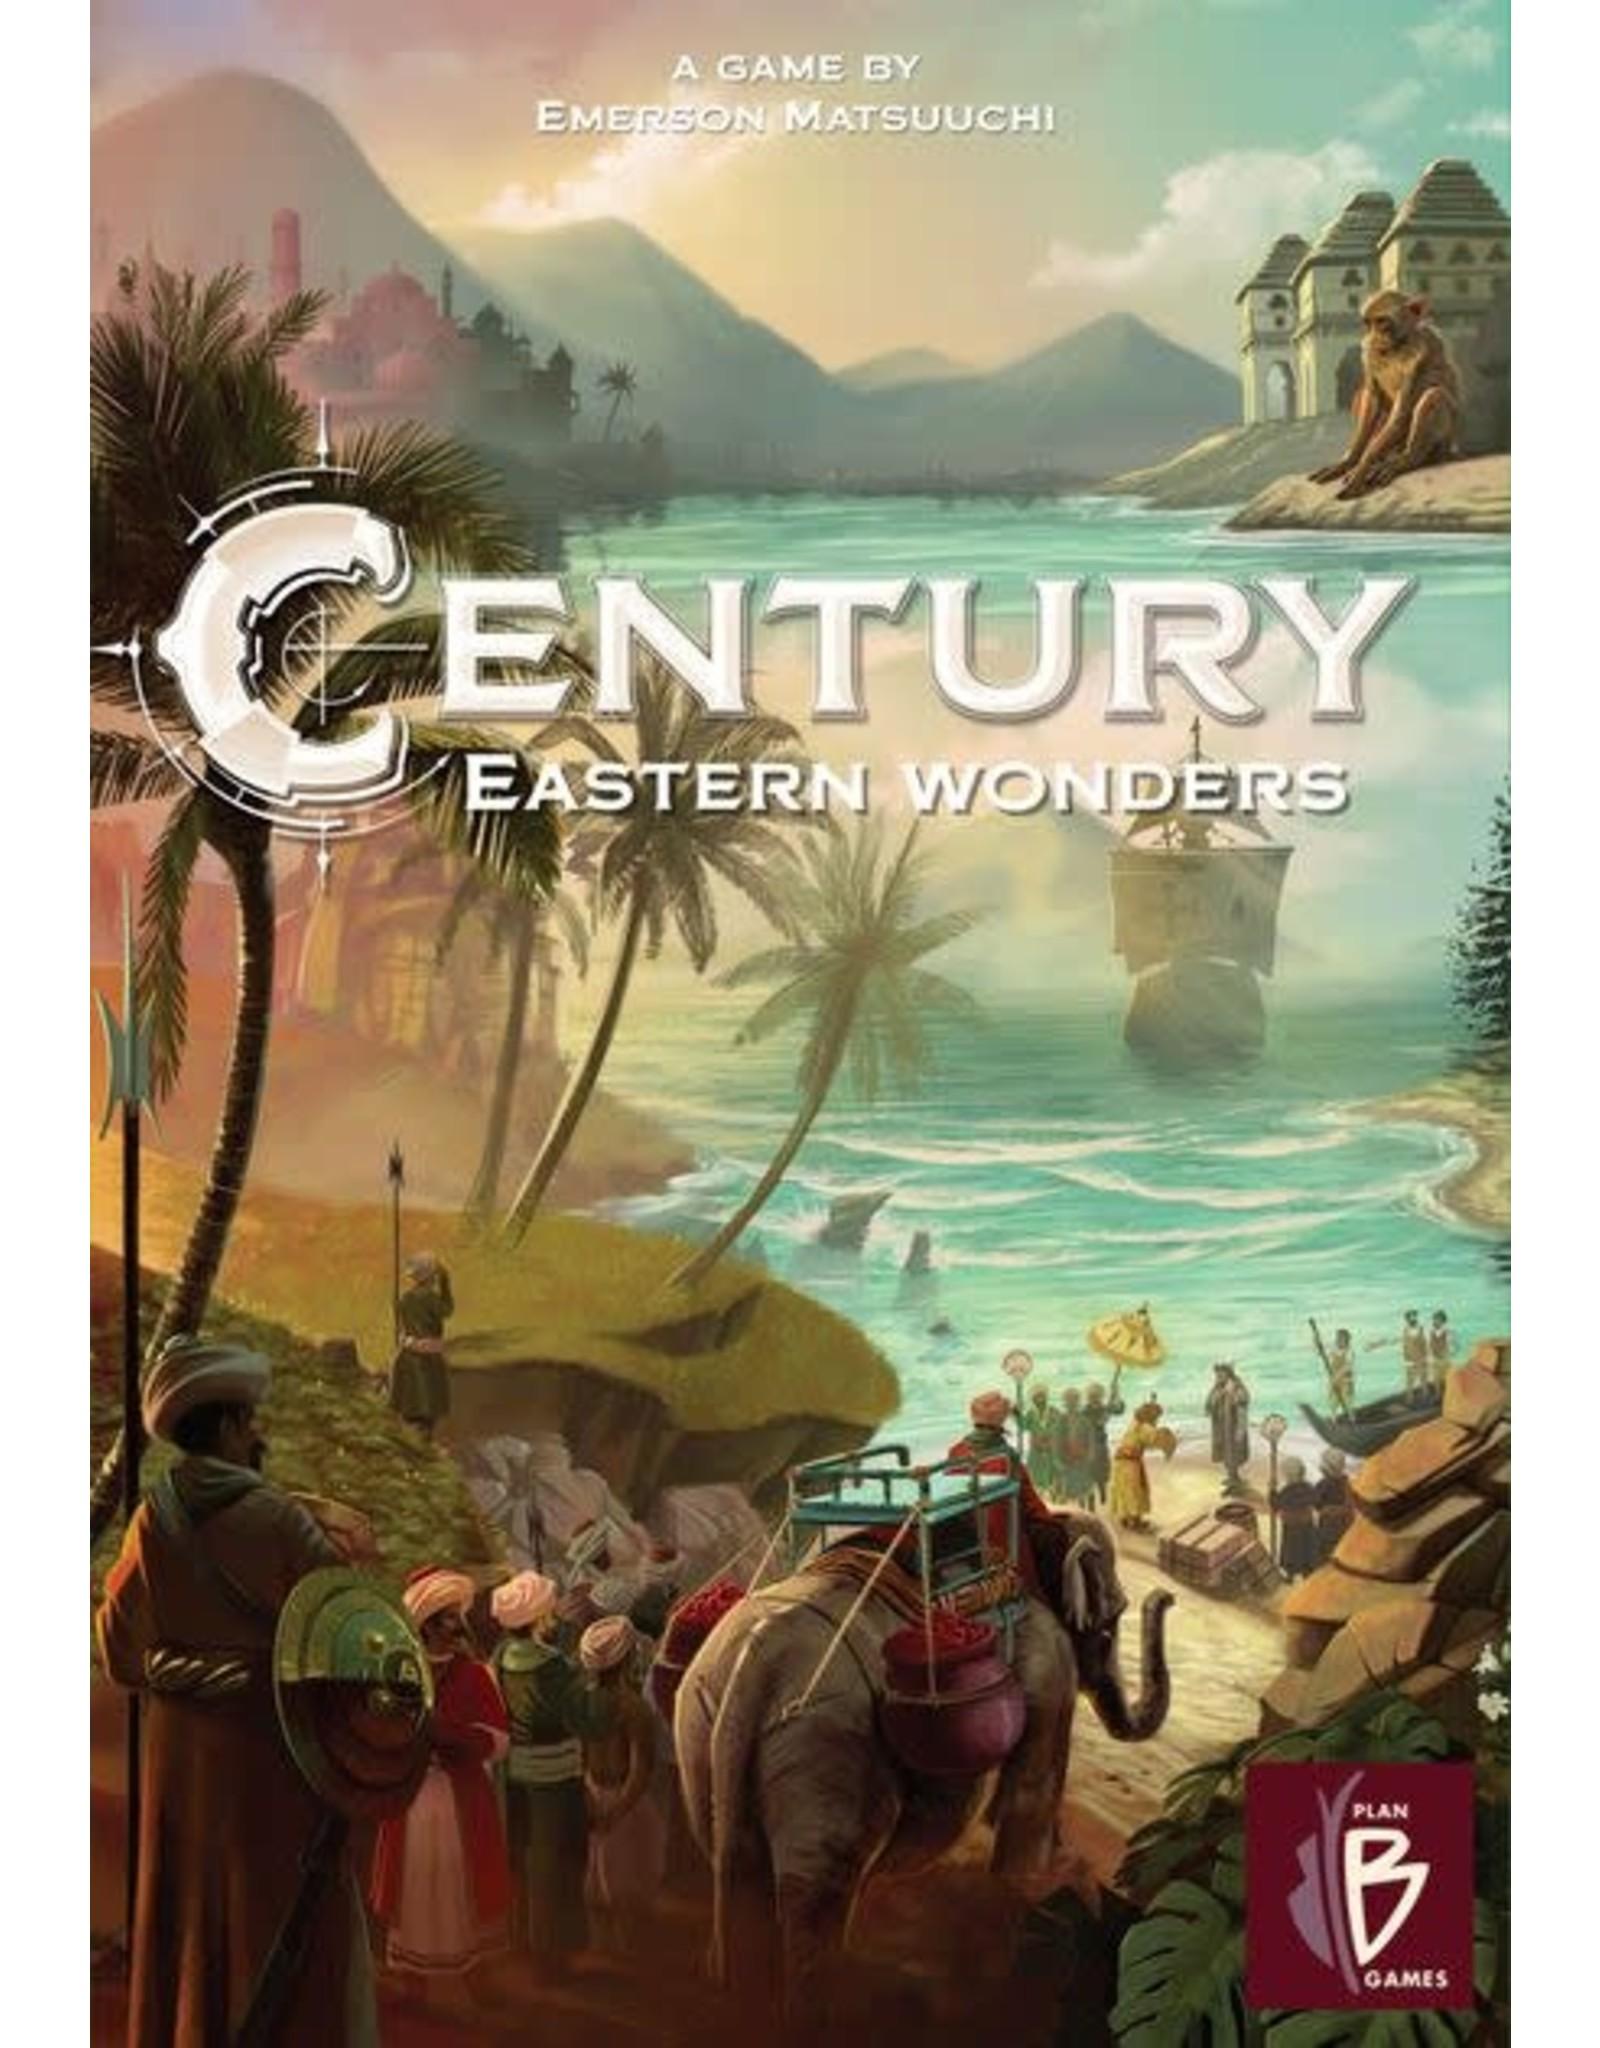 Century Eastern Wonders Board Game